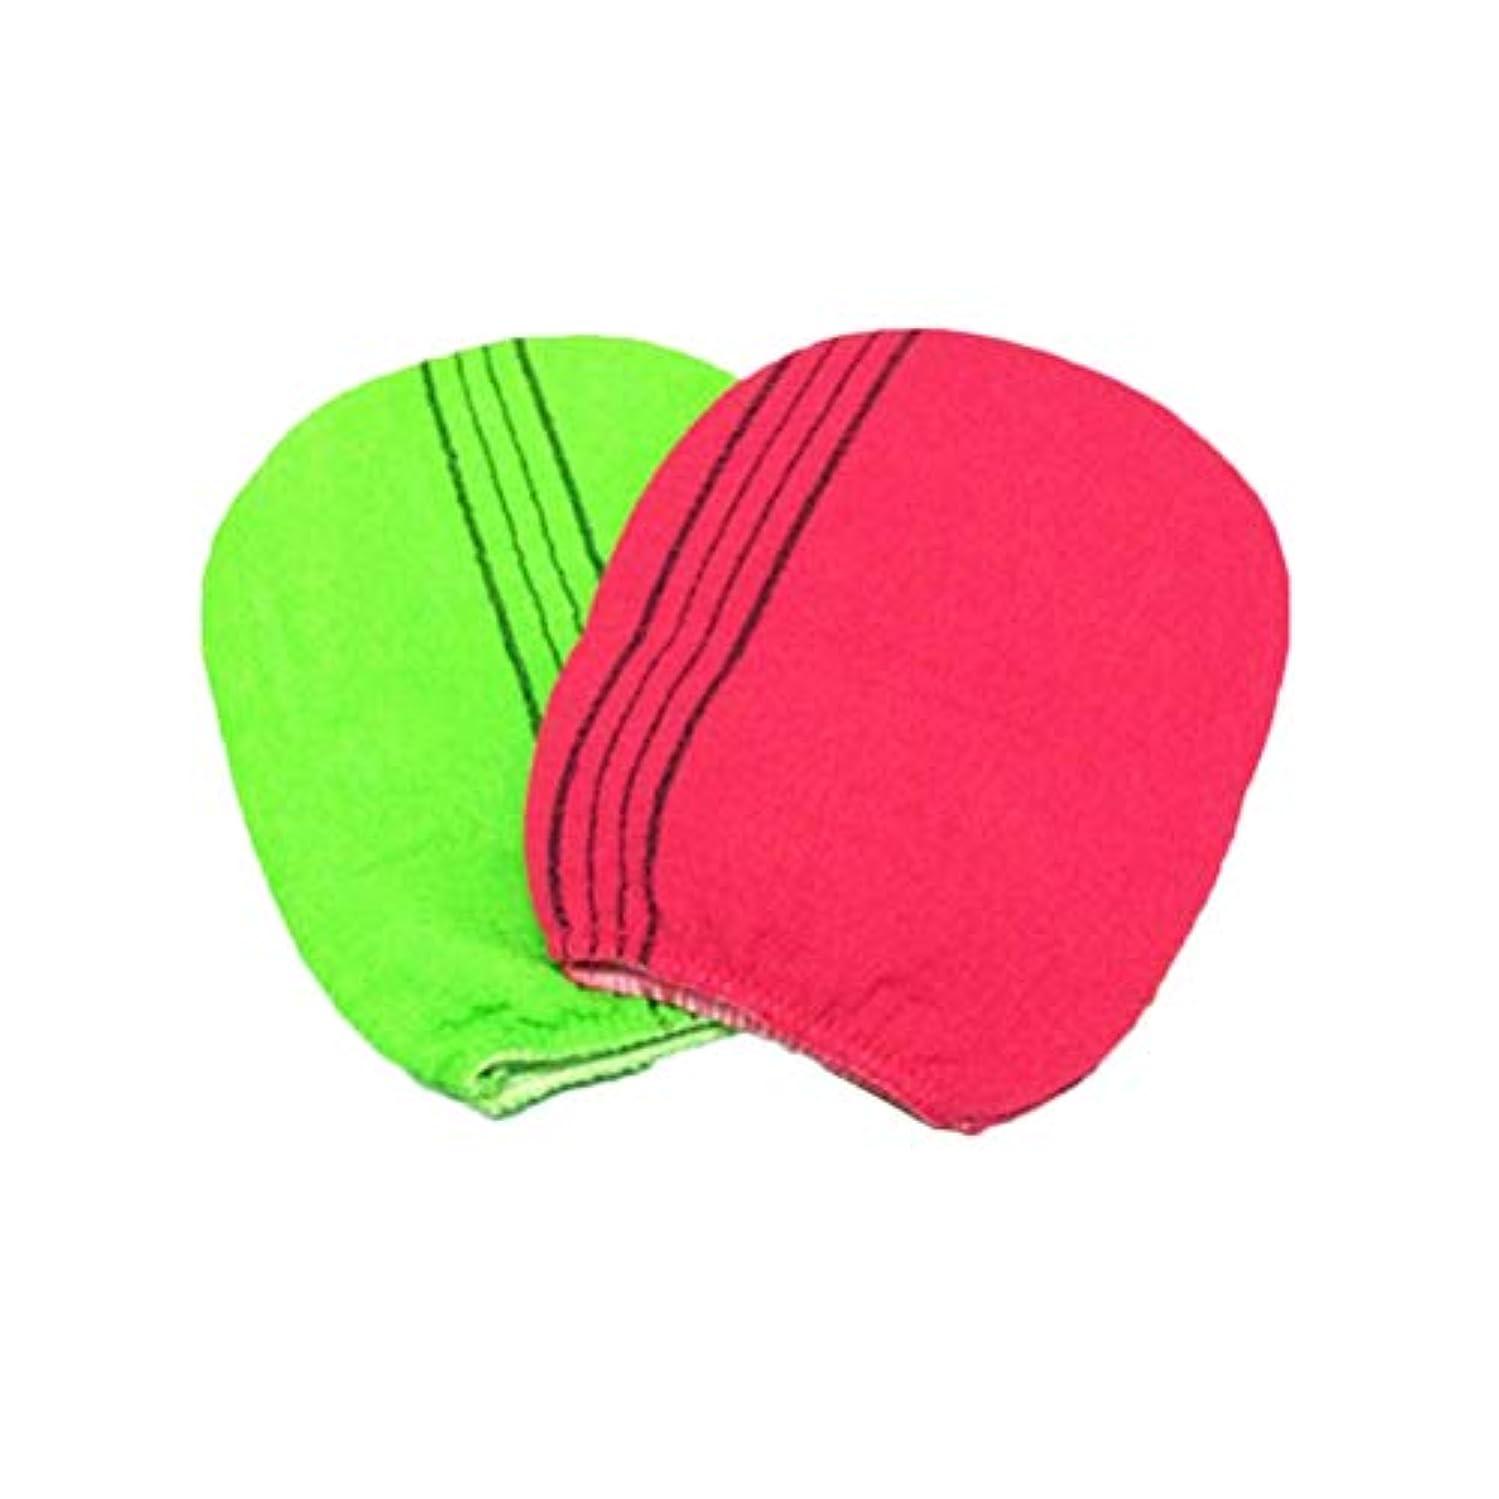 触覚認める群衆Beaupretty 2ピース入浴手袋風呂ミットラビング手袋剥離手袋シャワーバスタオル(ランダムカラー)